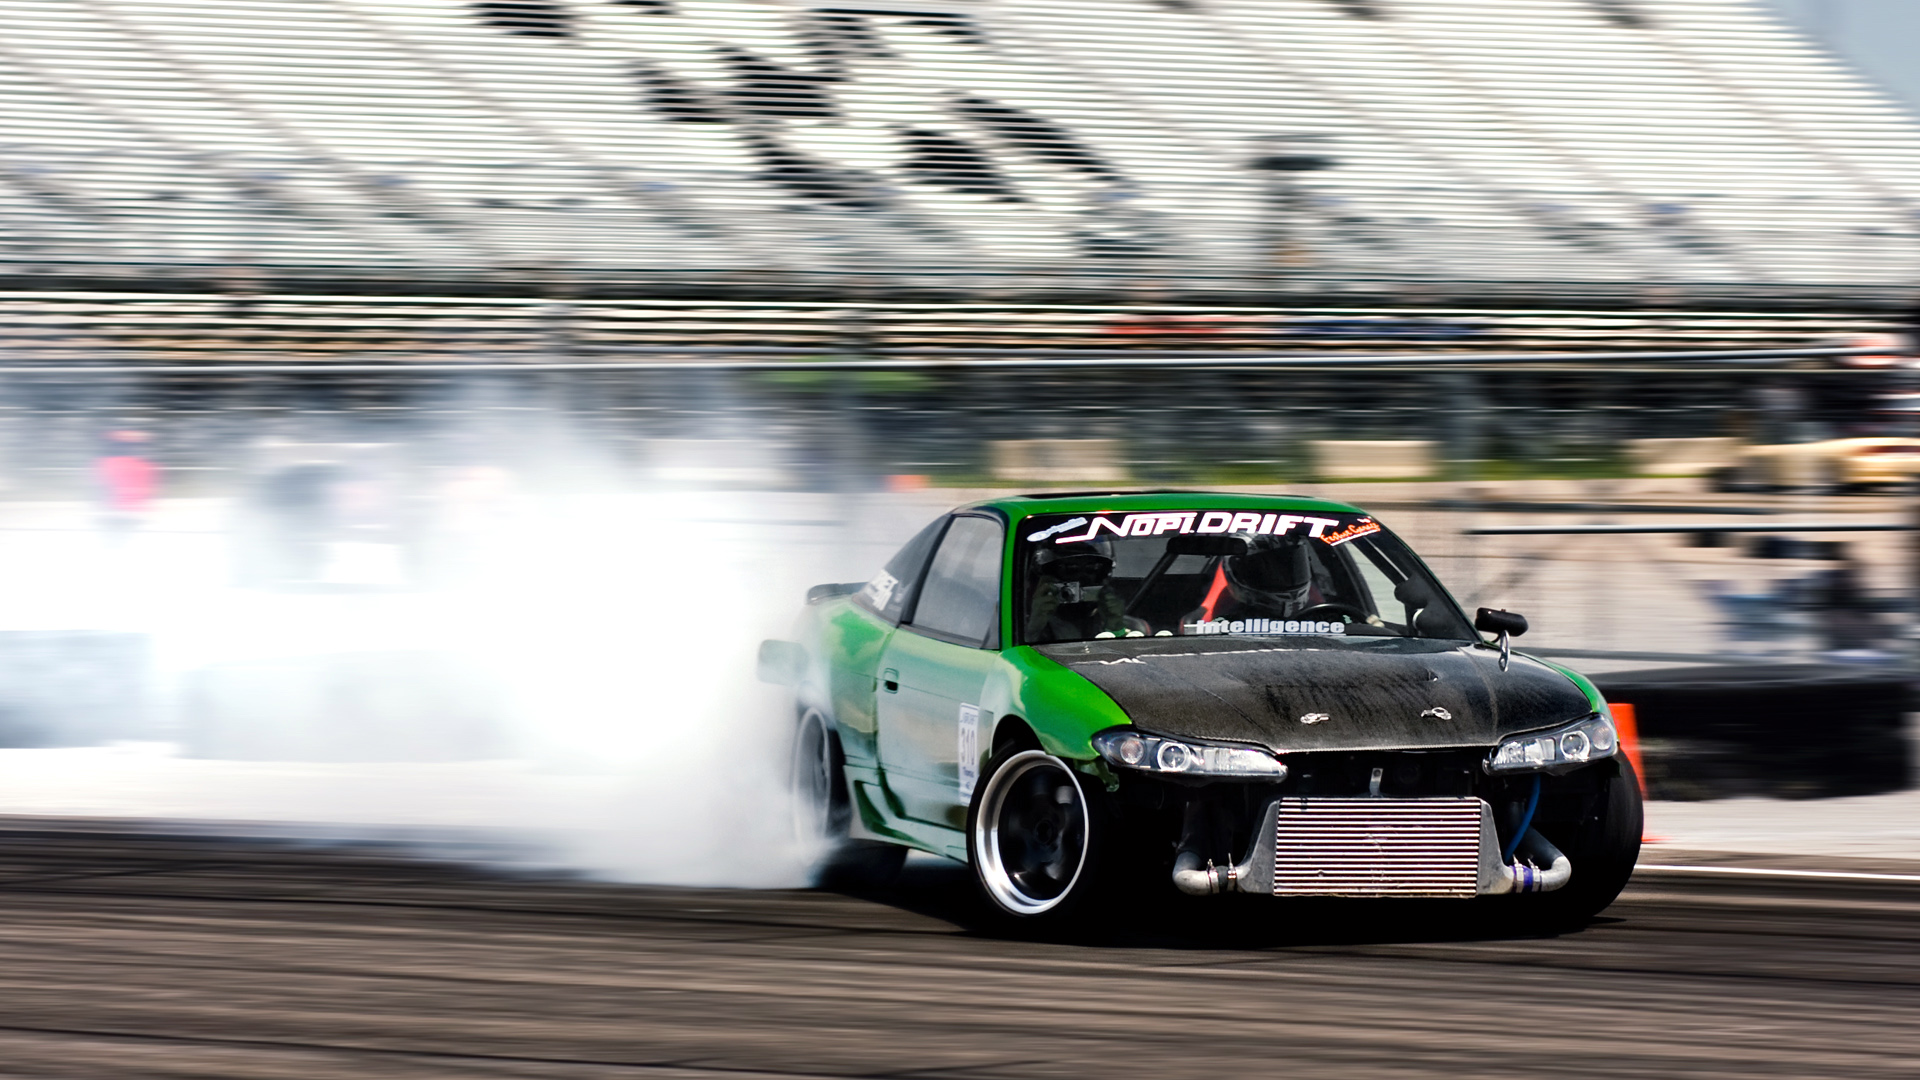 Download Cars Drift Wallpaper 1920x1080 Wallpoper 344418 1920x1080